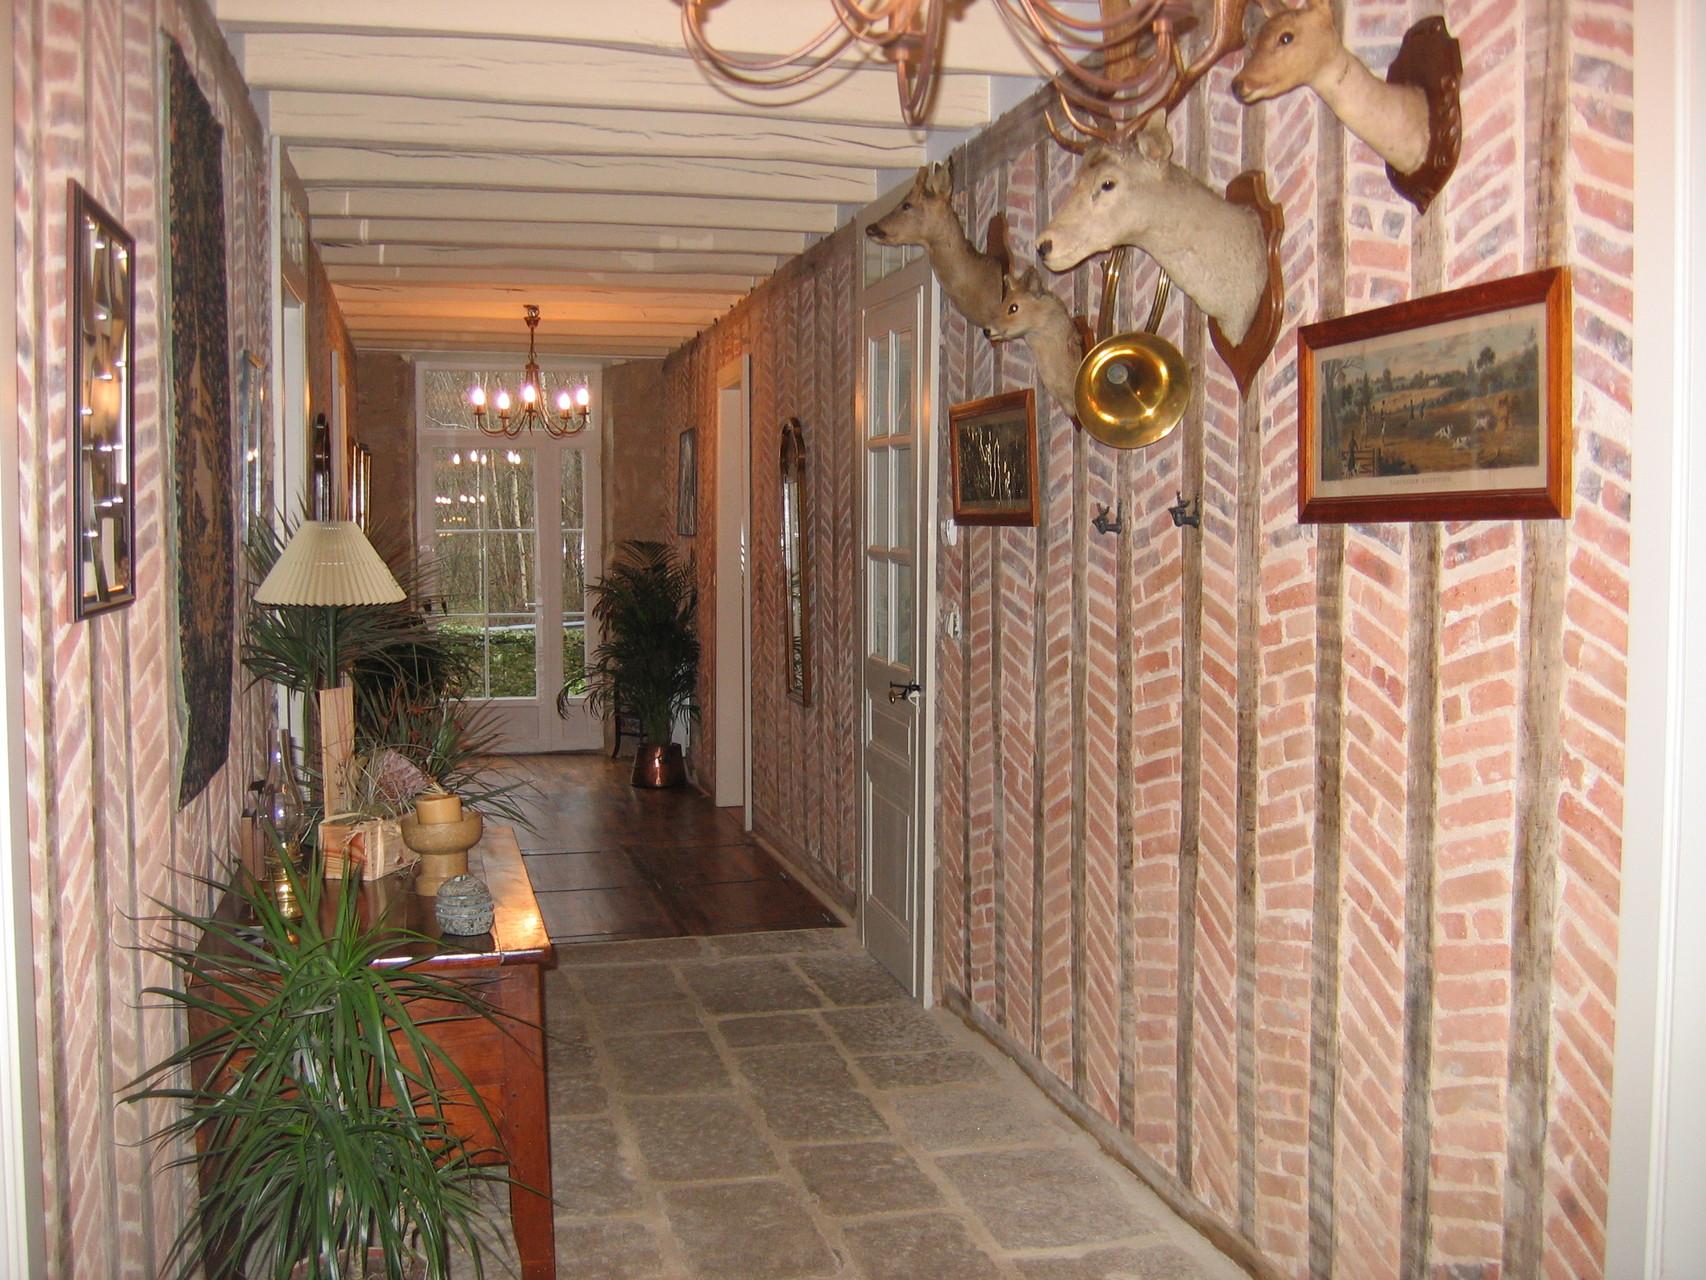 Chambres table d h´tes  proximité de Limoges et de l A20